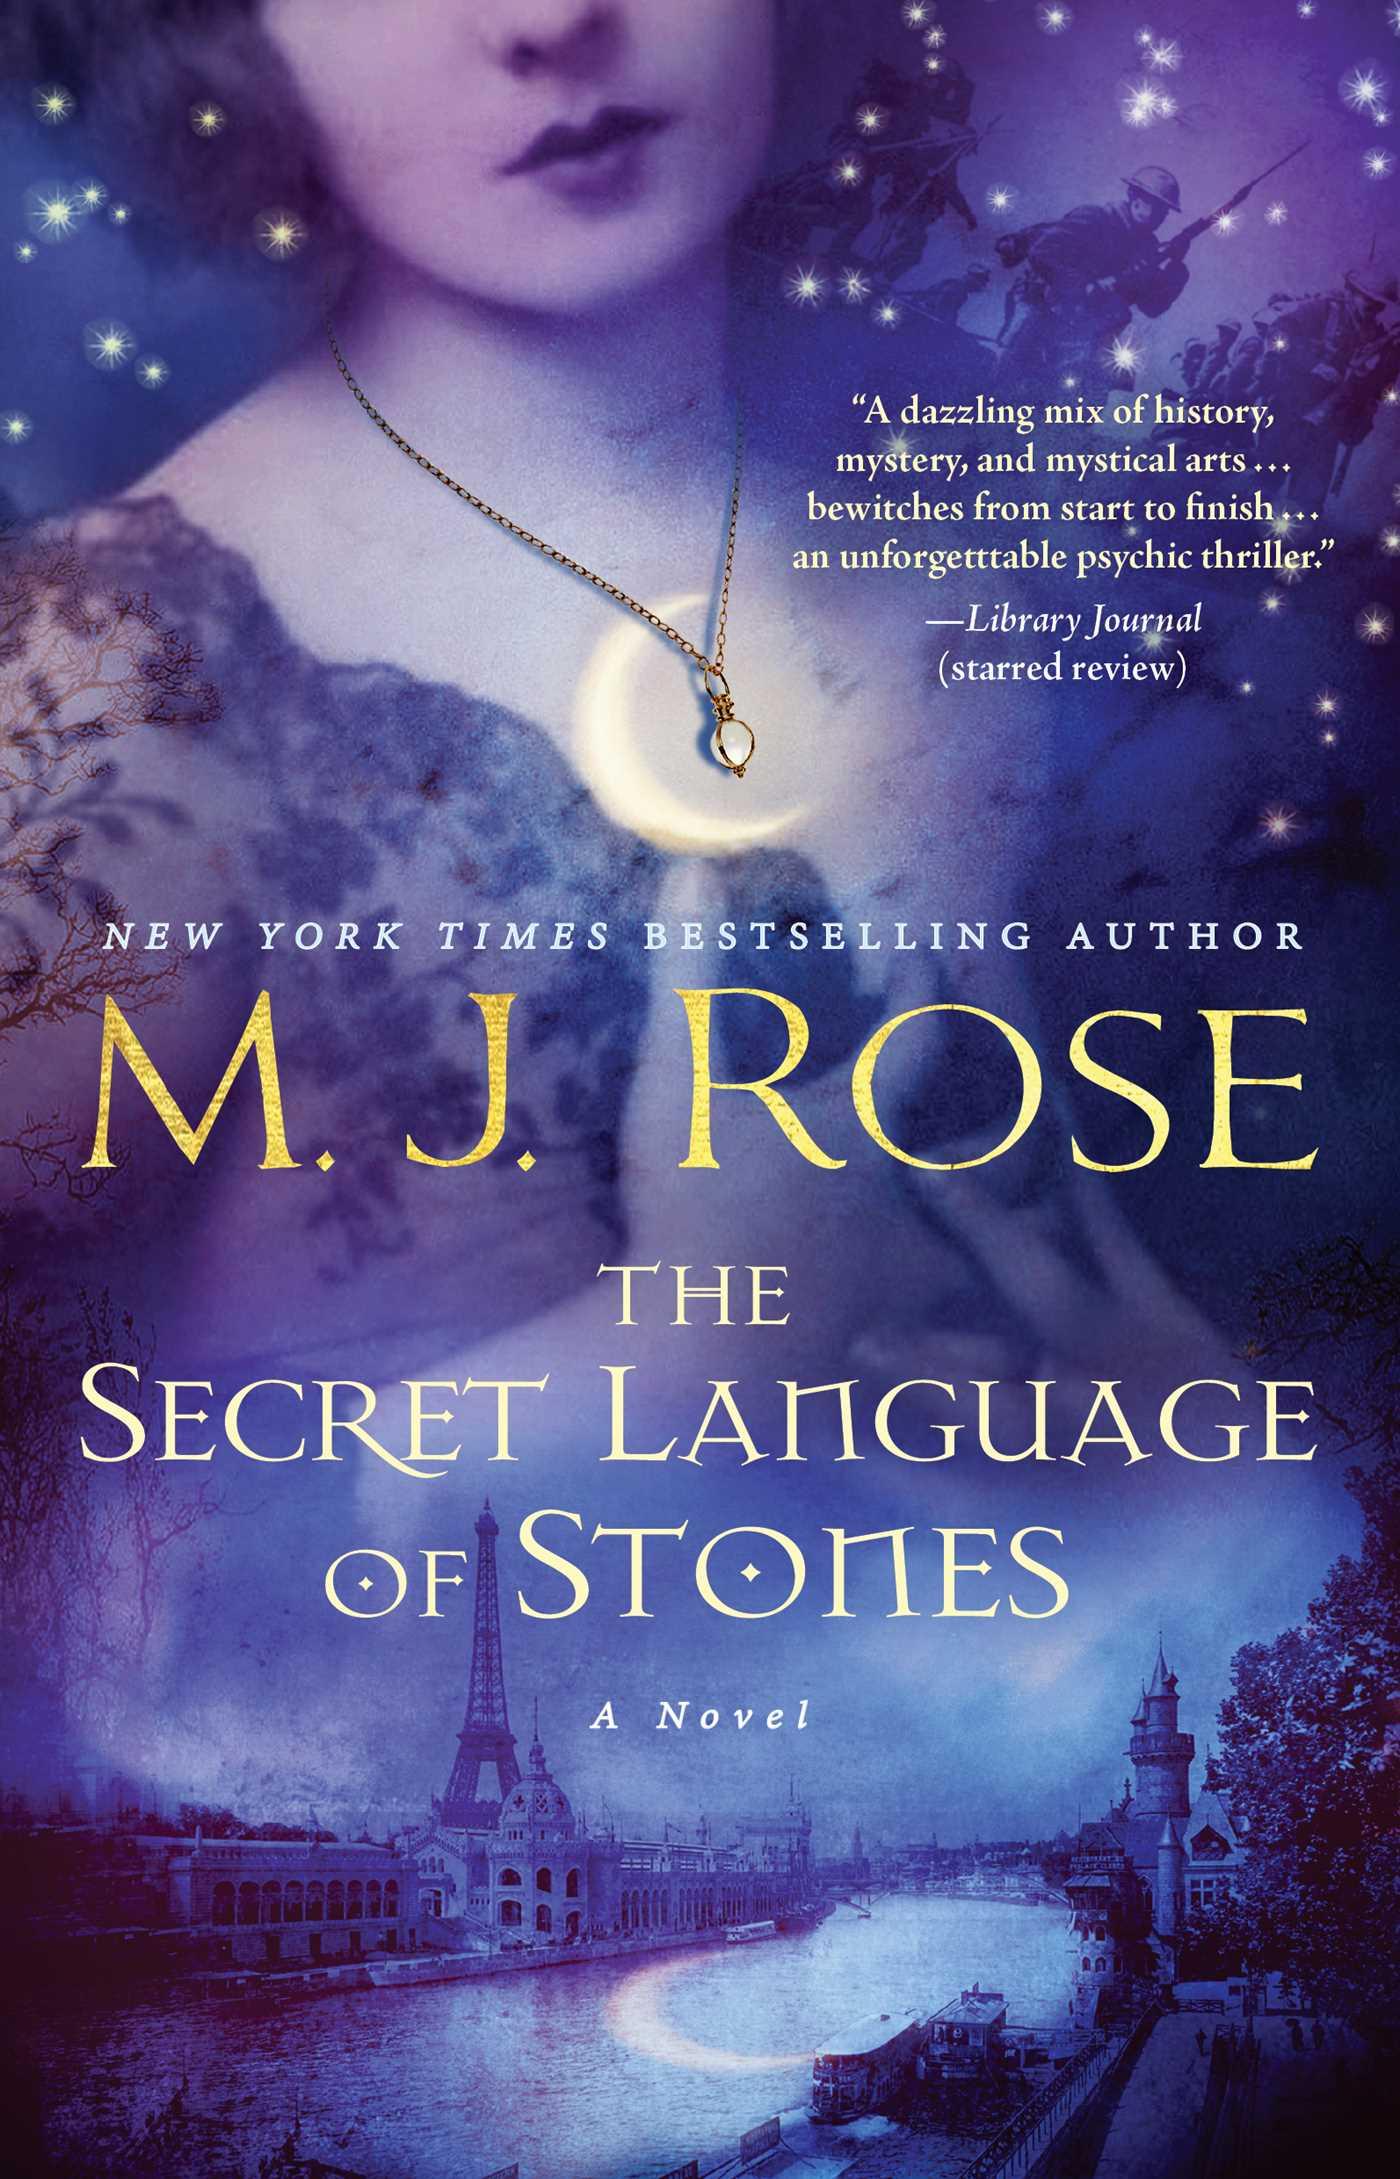 The secret language of stones 9781476778105 hr